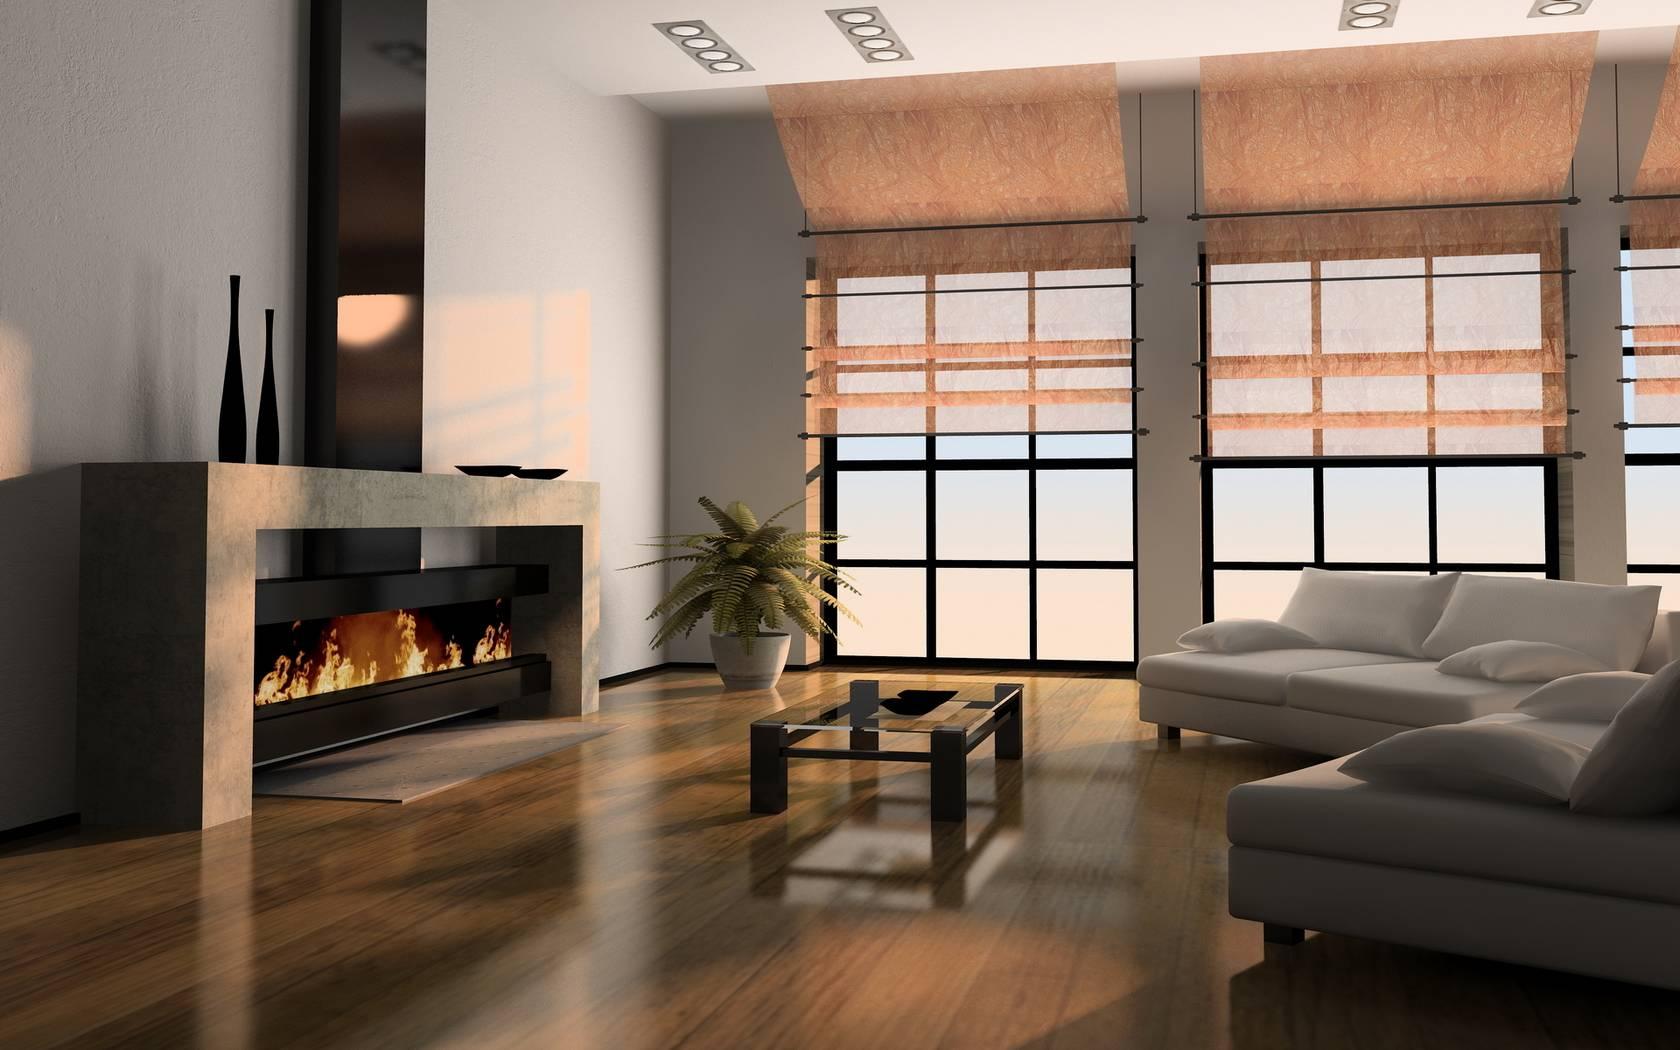 Дизайн гостиной с камином - взгляд на огонь сквозь призму современного интерьера